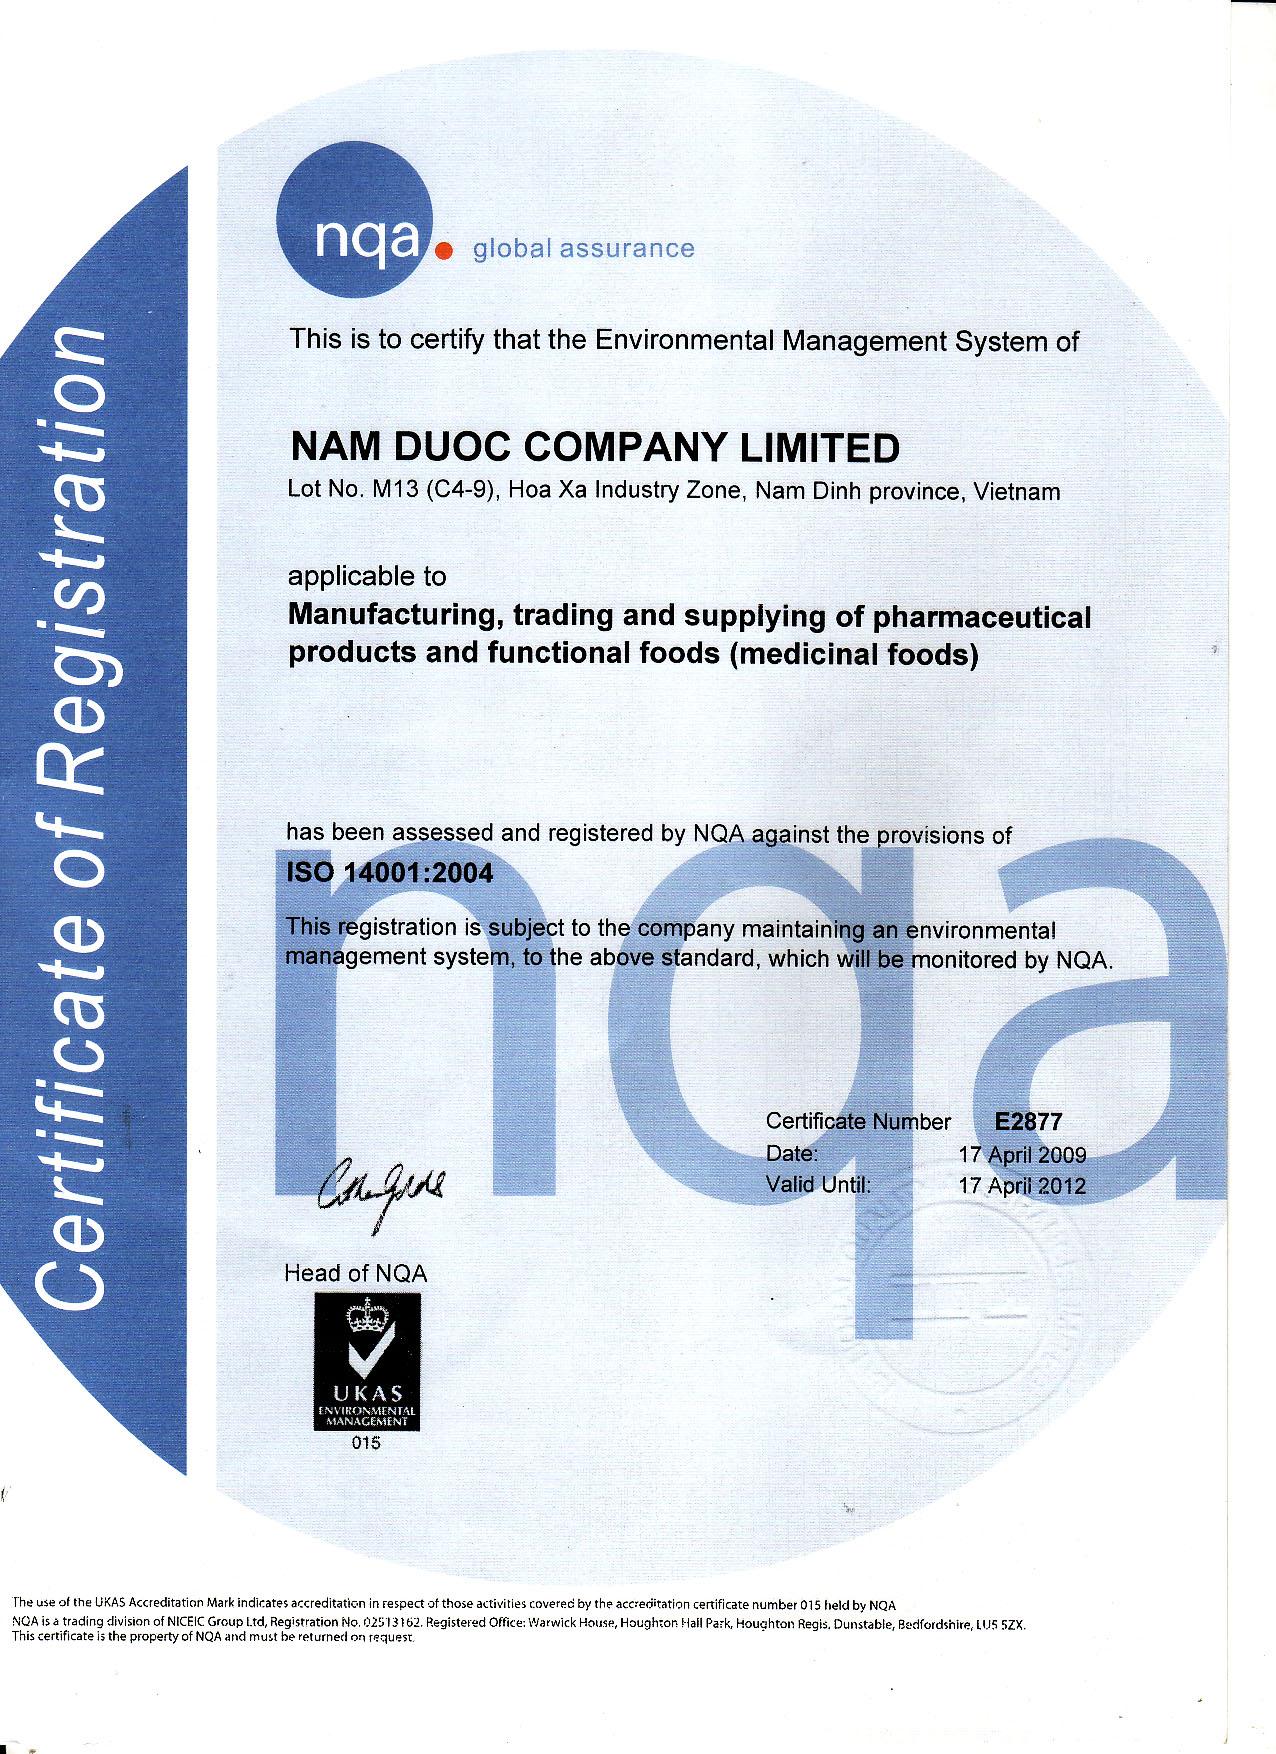 Ảnh 3: Giấy chứng nhận tiêu chuẩn ISO 14000:2004 do tổ chức NQA Vương Quốc Anh xác thực